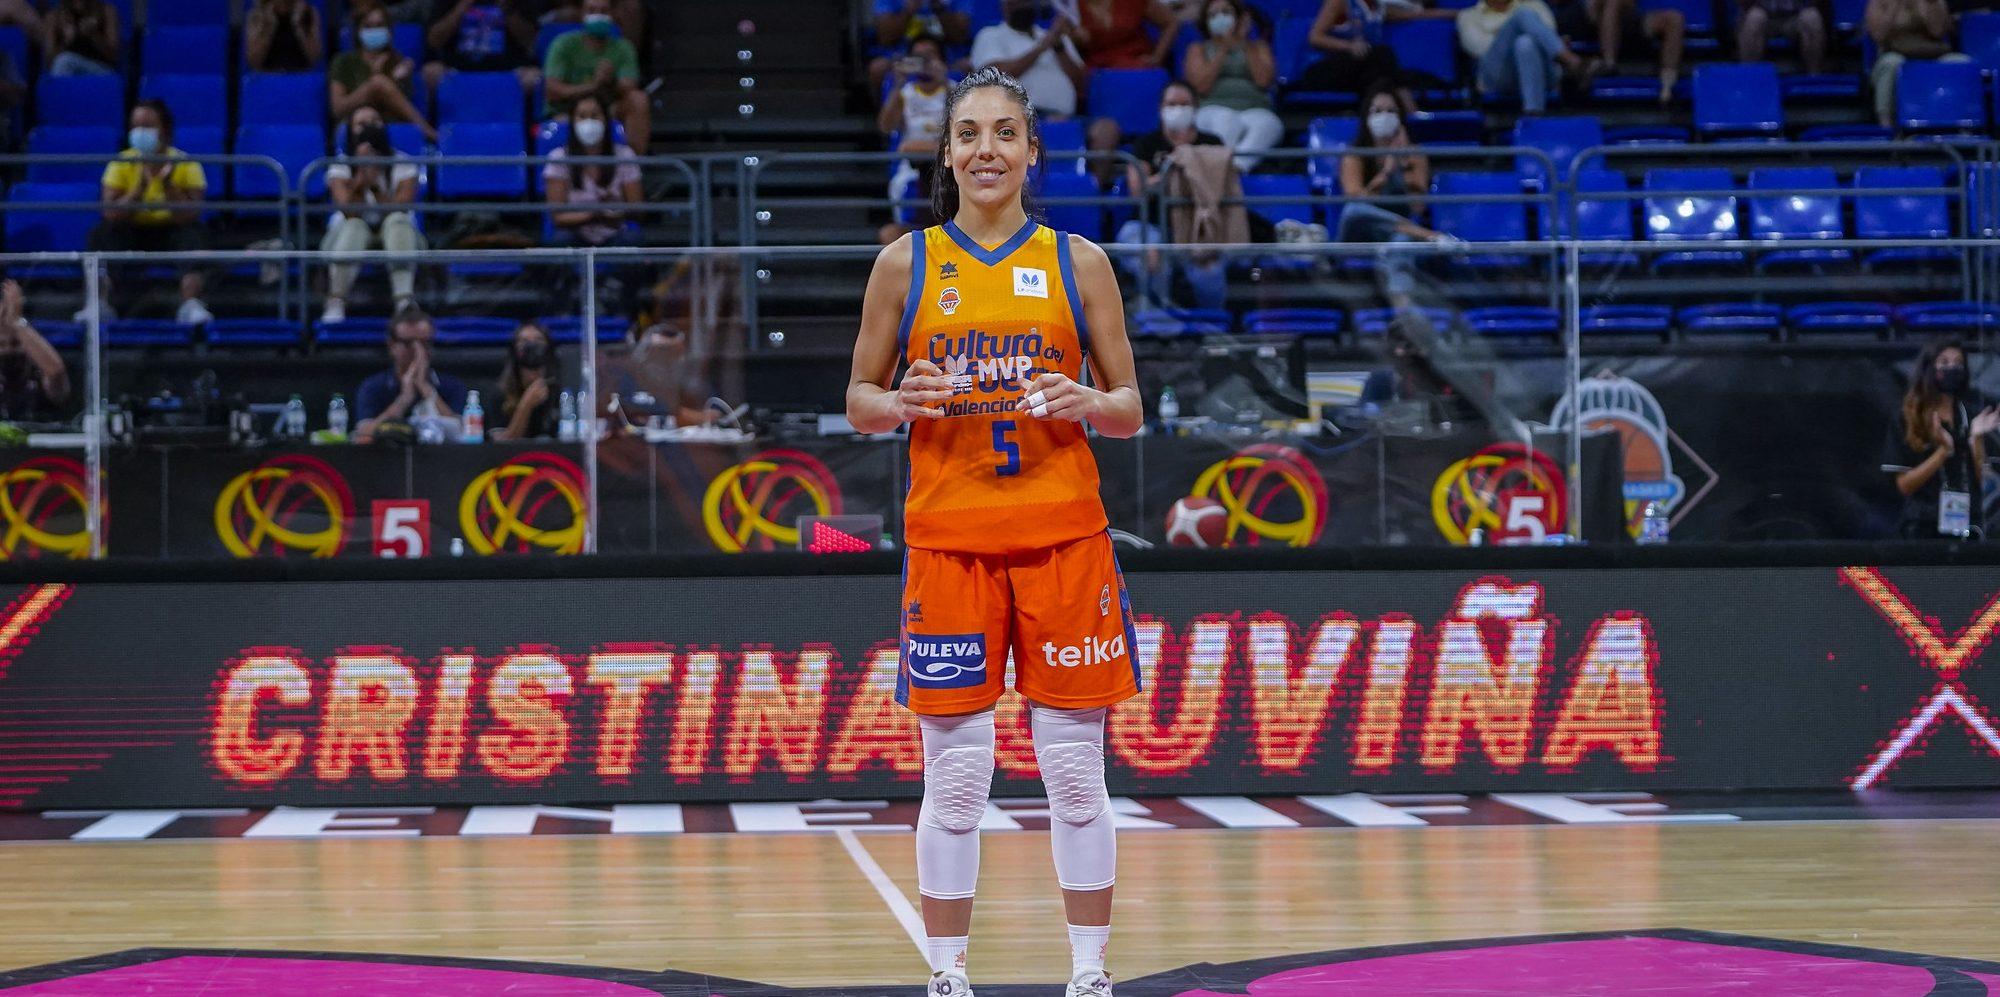 Cristina Ouviña, la MVP de la Supercopa